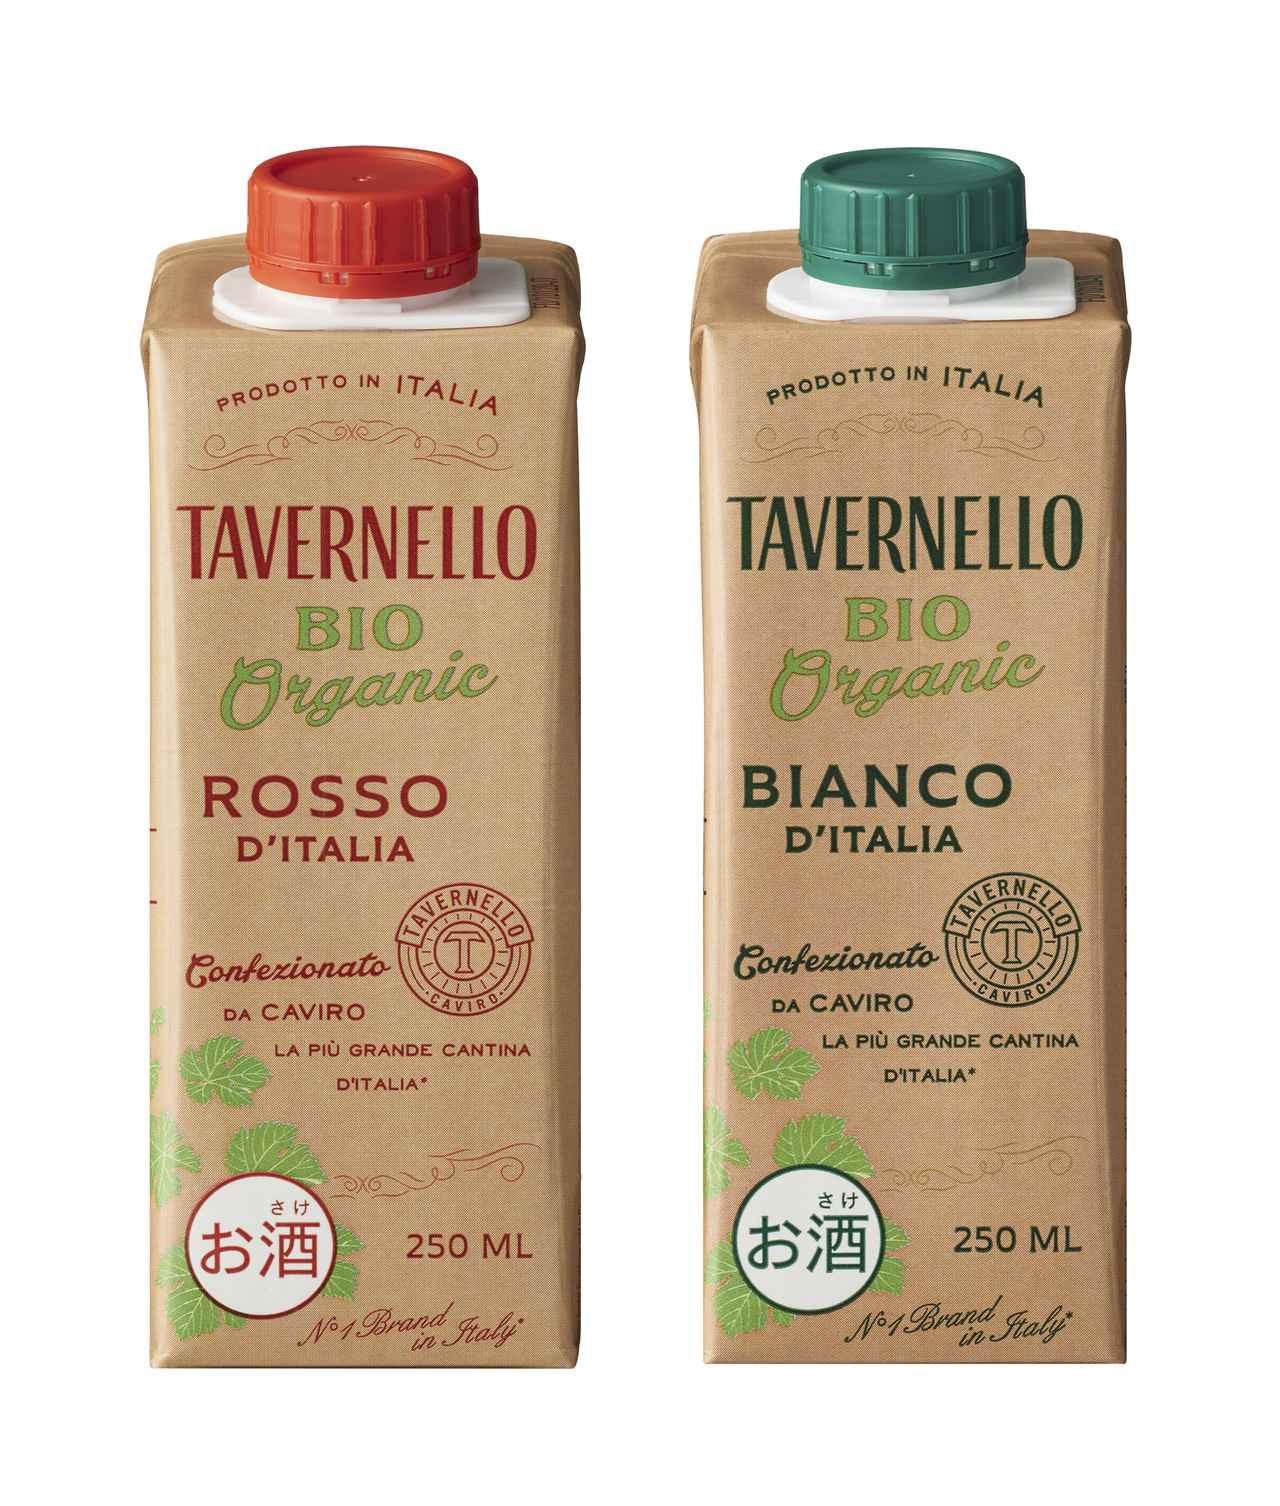 画像: (左)タヴェルネッロ BIO ピッコロ ロッソ (右)タヴェルネッロ BIO ピッコロ ビアンコ